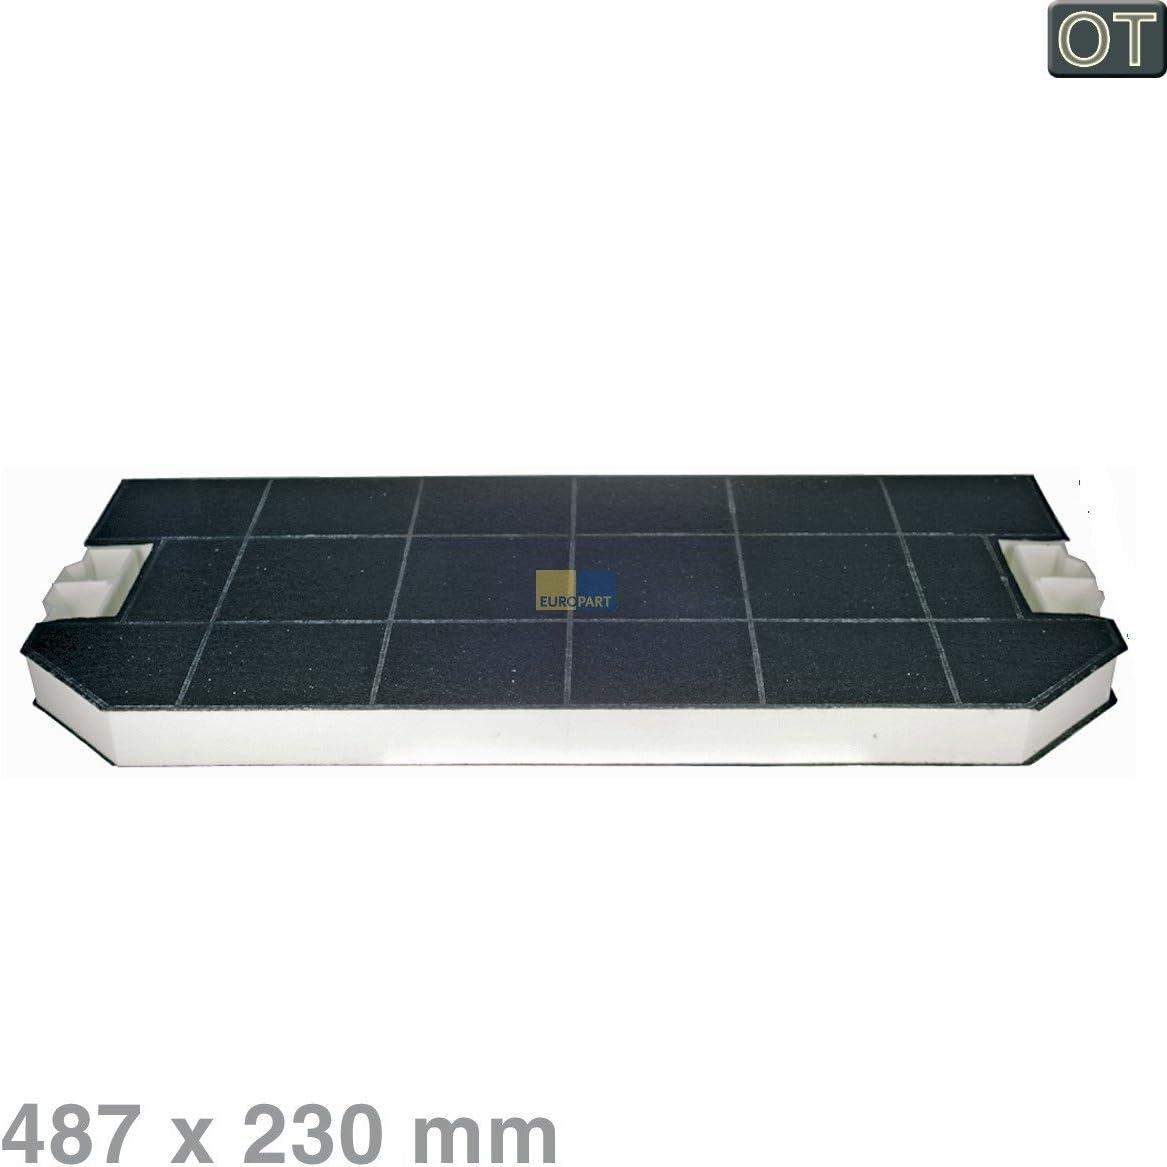 Bosch Siemens 460367 00460367 537310 - Filtro de carbón activo para campana extractora de humos (rectangular, 487 x 230 mm): Amazon.es: Hogar